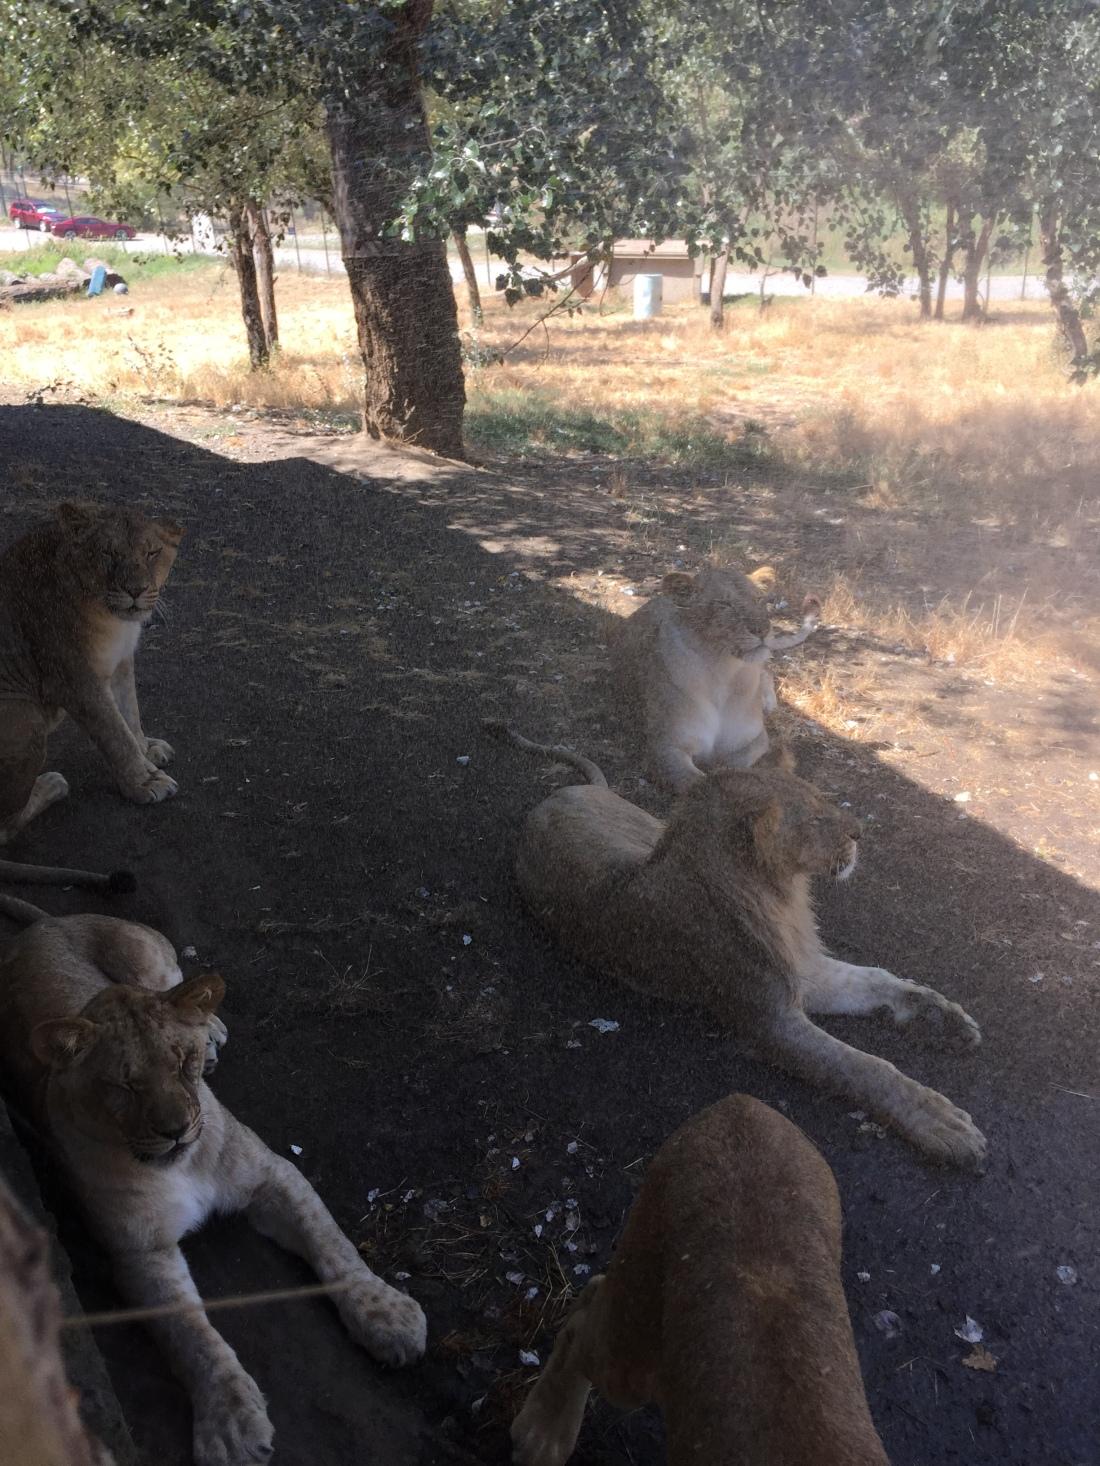 lions-in-sprinklers